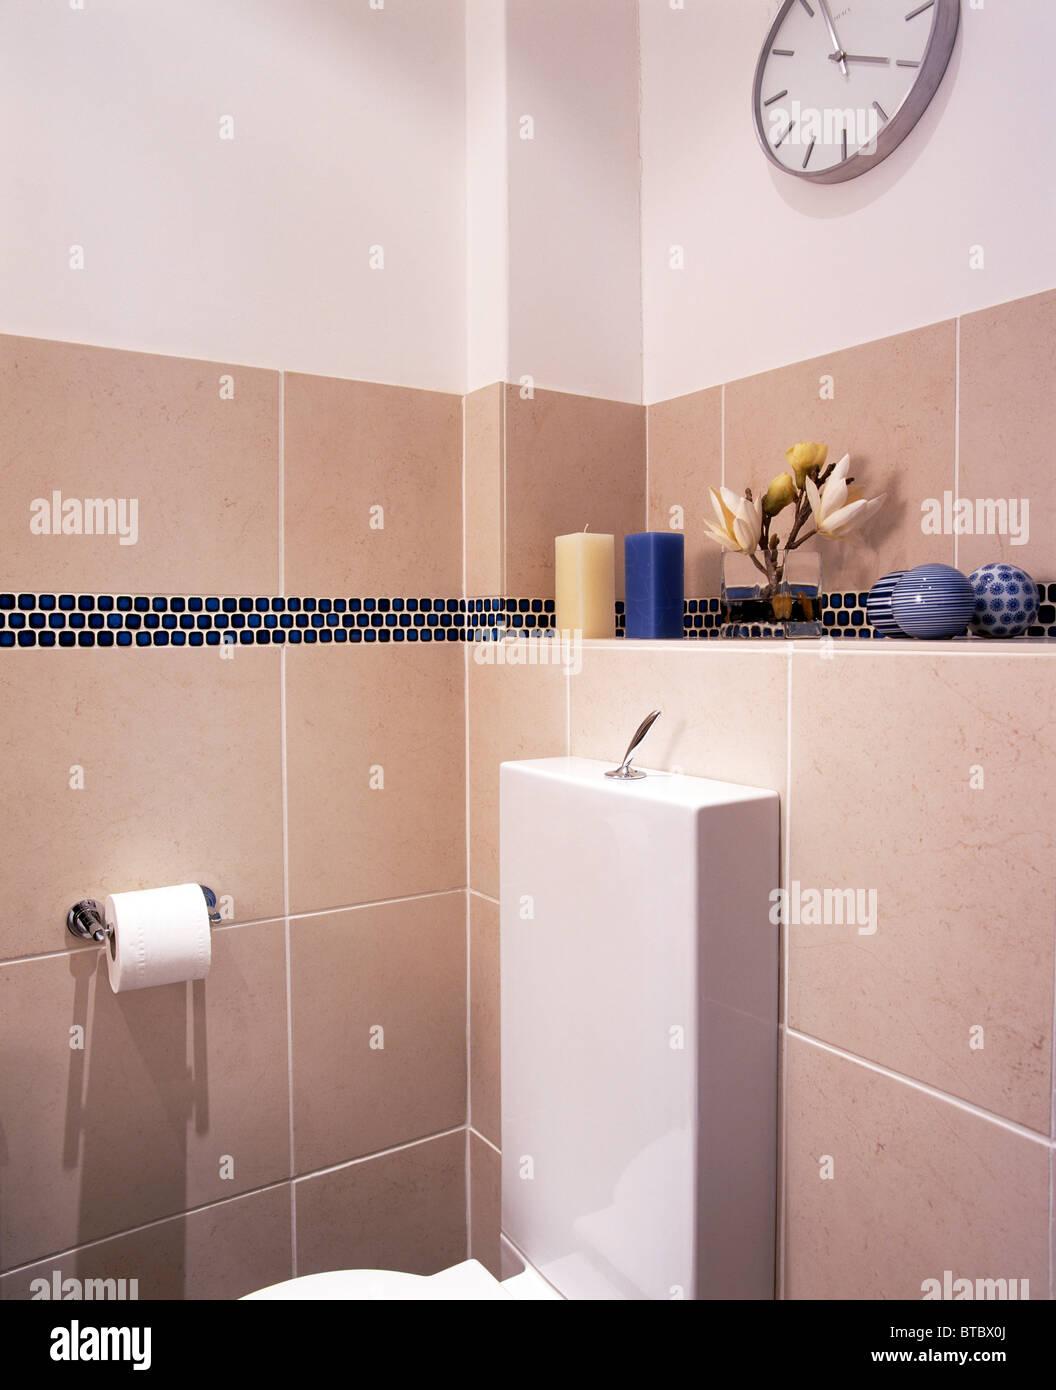 Carrelage blanc et beige moderne de style économie salle de bains ...